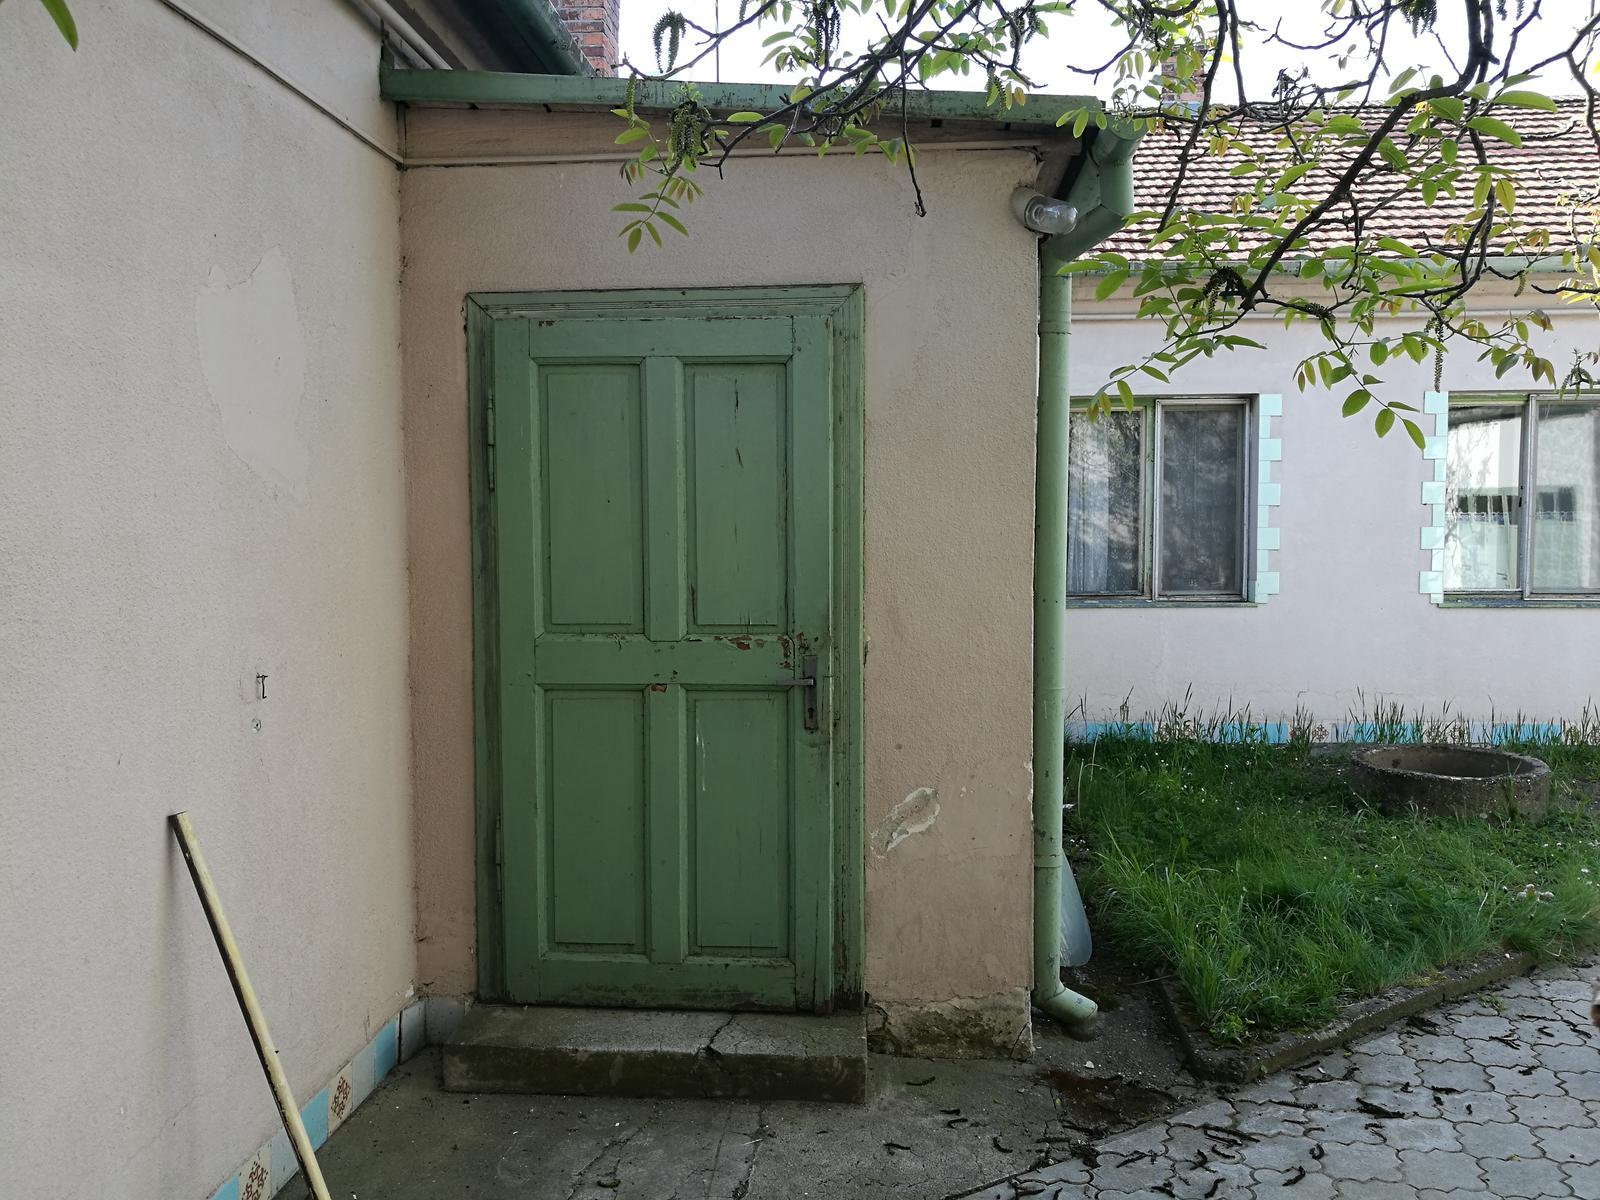 Náš budúci domov - rekonštrukcia rodinného domu - Obrázok č. 14